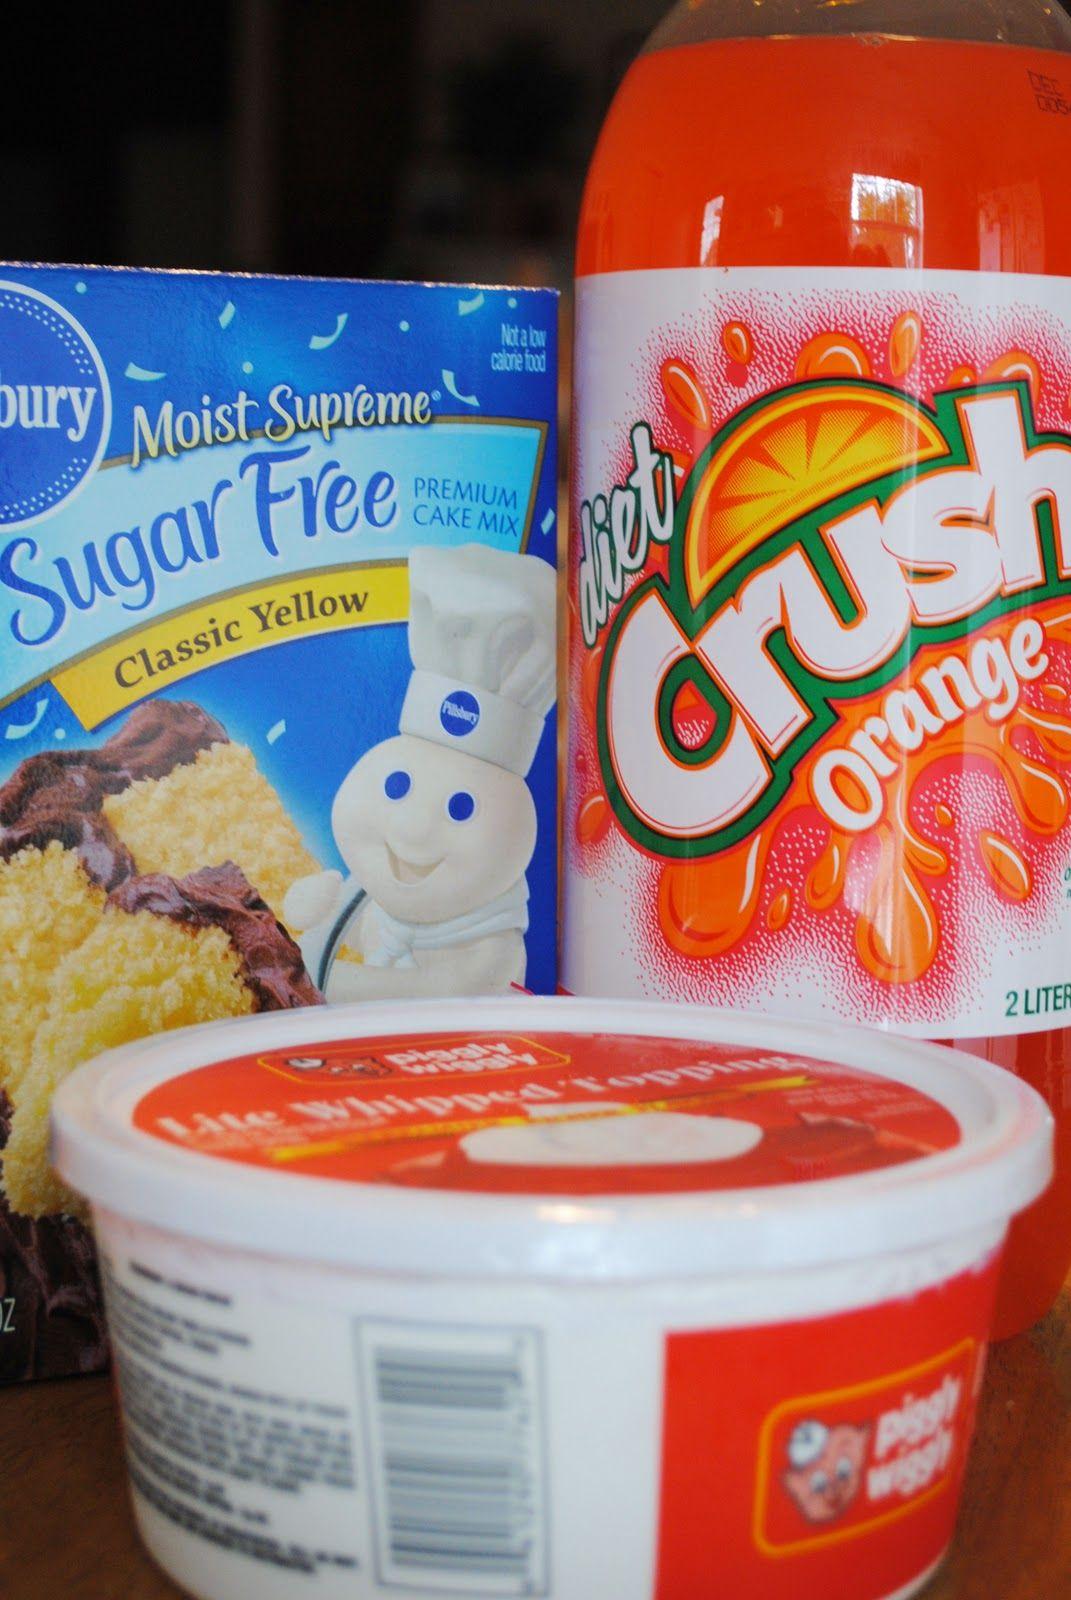 Pop fruit crush - Orange Sherbet Cake Classic Yellow Cake Mix Diet Orange Crush